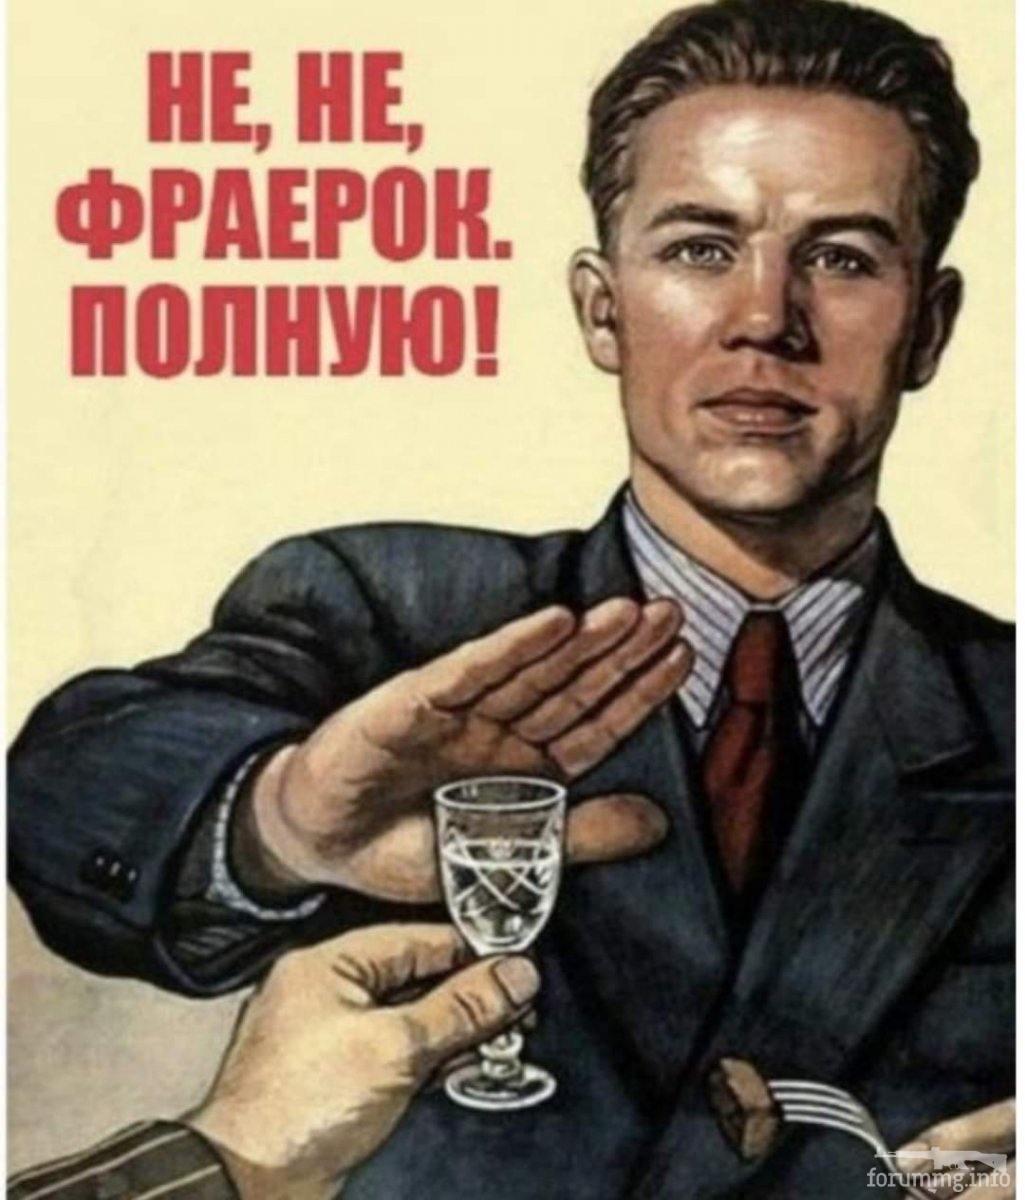 125479 - Пить или не пить? - пятничная алкогольная тема )))